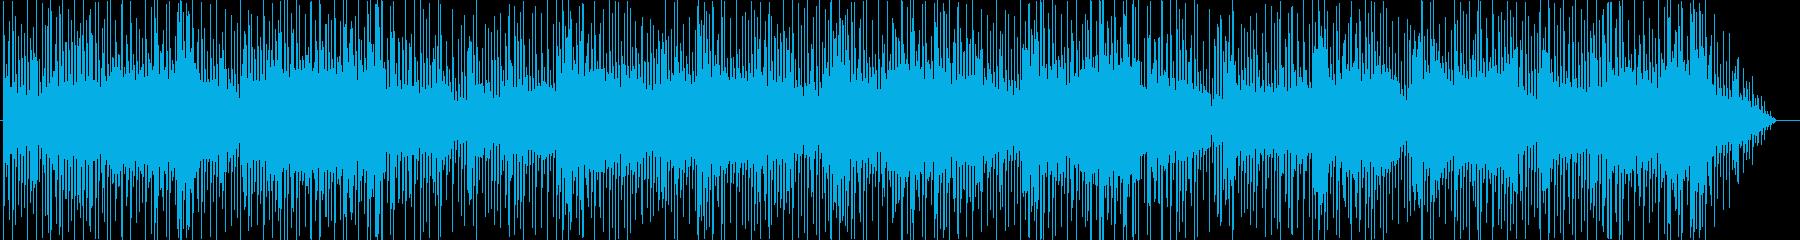 80年代パソコンゲーム風BGMの再生済みの波形